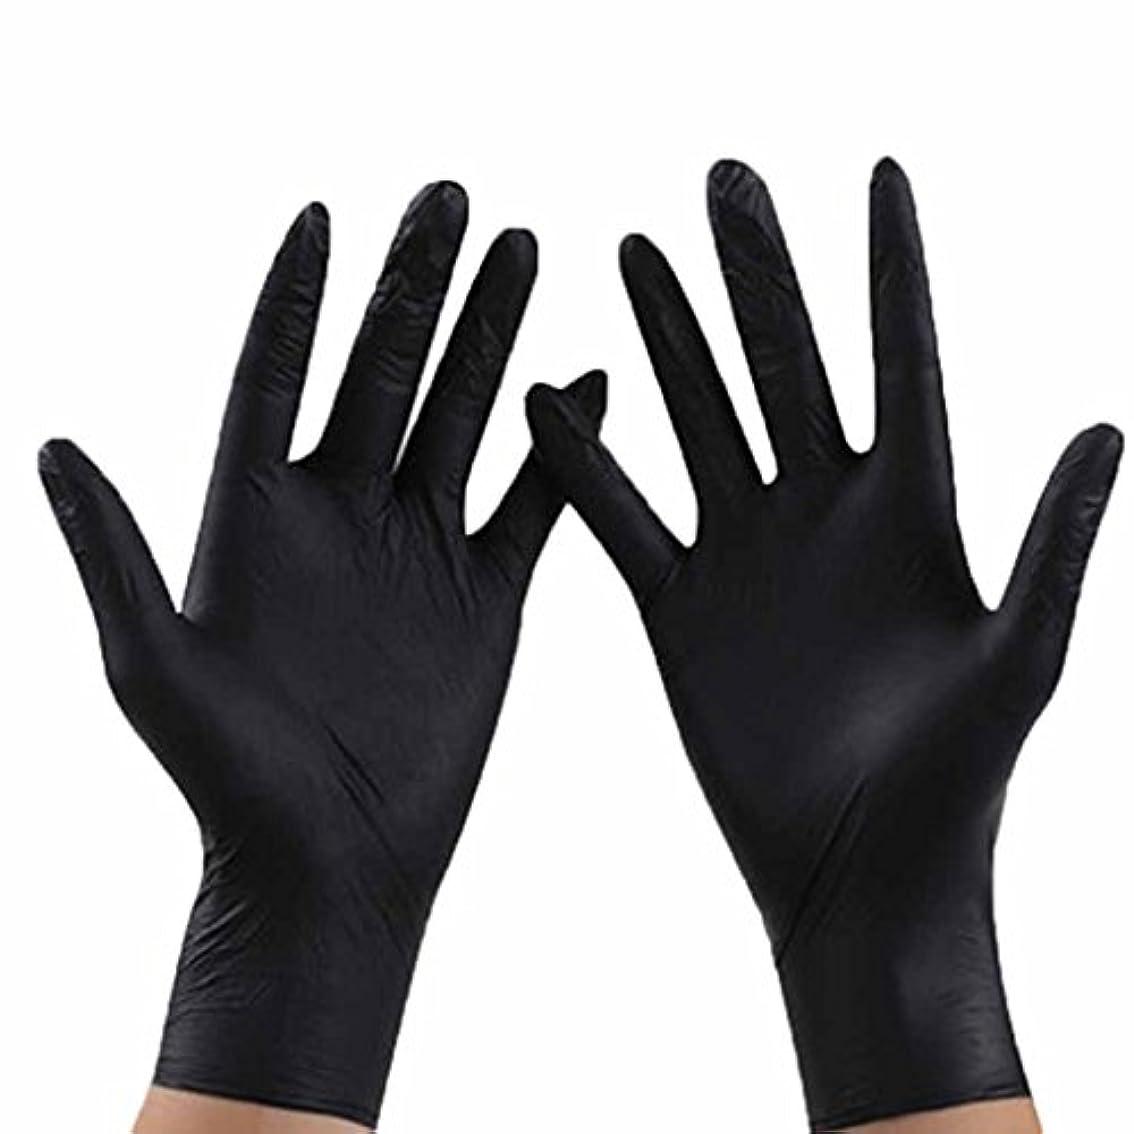 洗練されたスーダン台無しに使い捨て手袋 ブラックニトリル通気性使い捨て手袋防水防汚環境保護手袋 (Size : M)